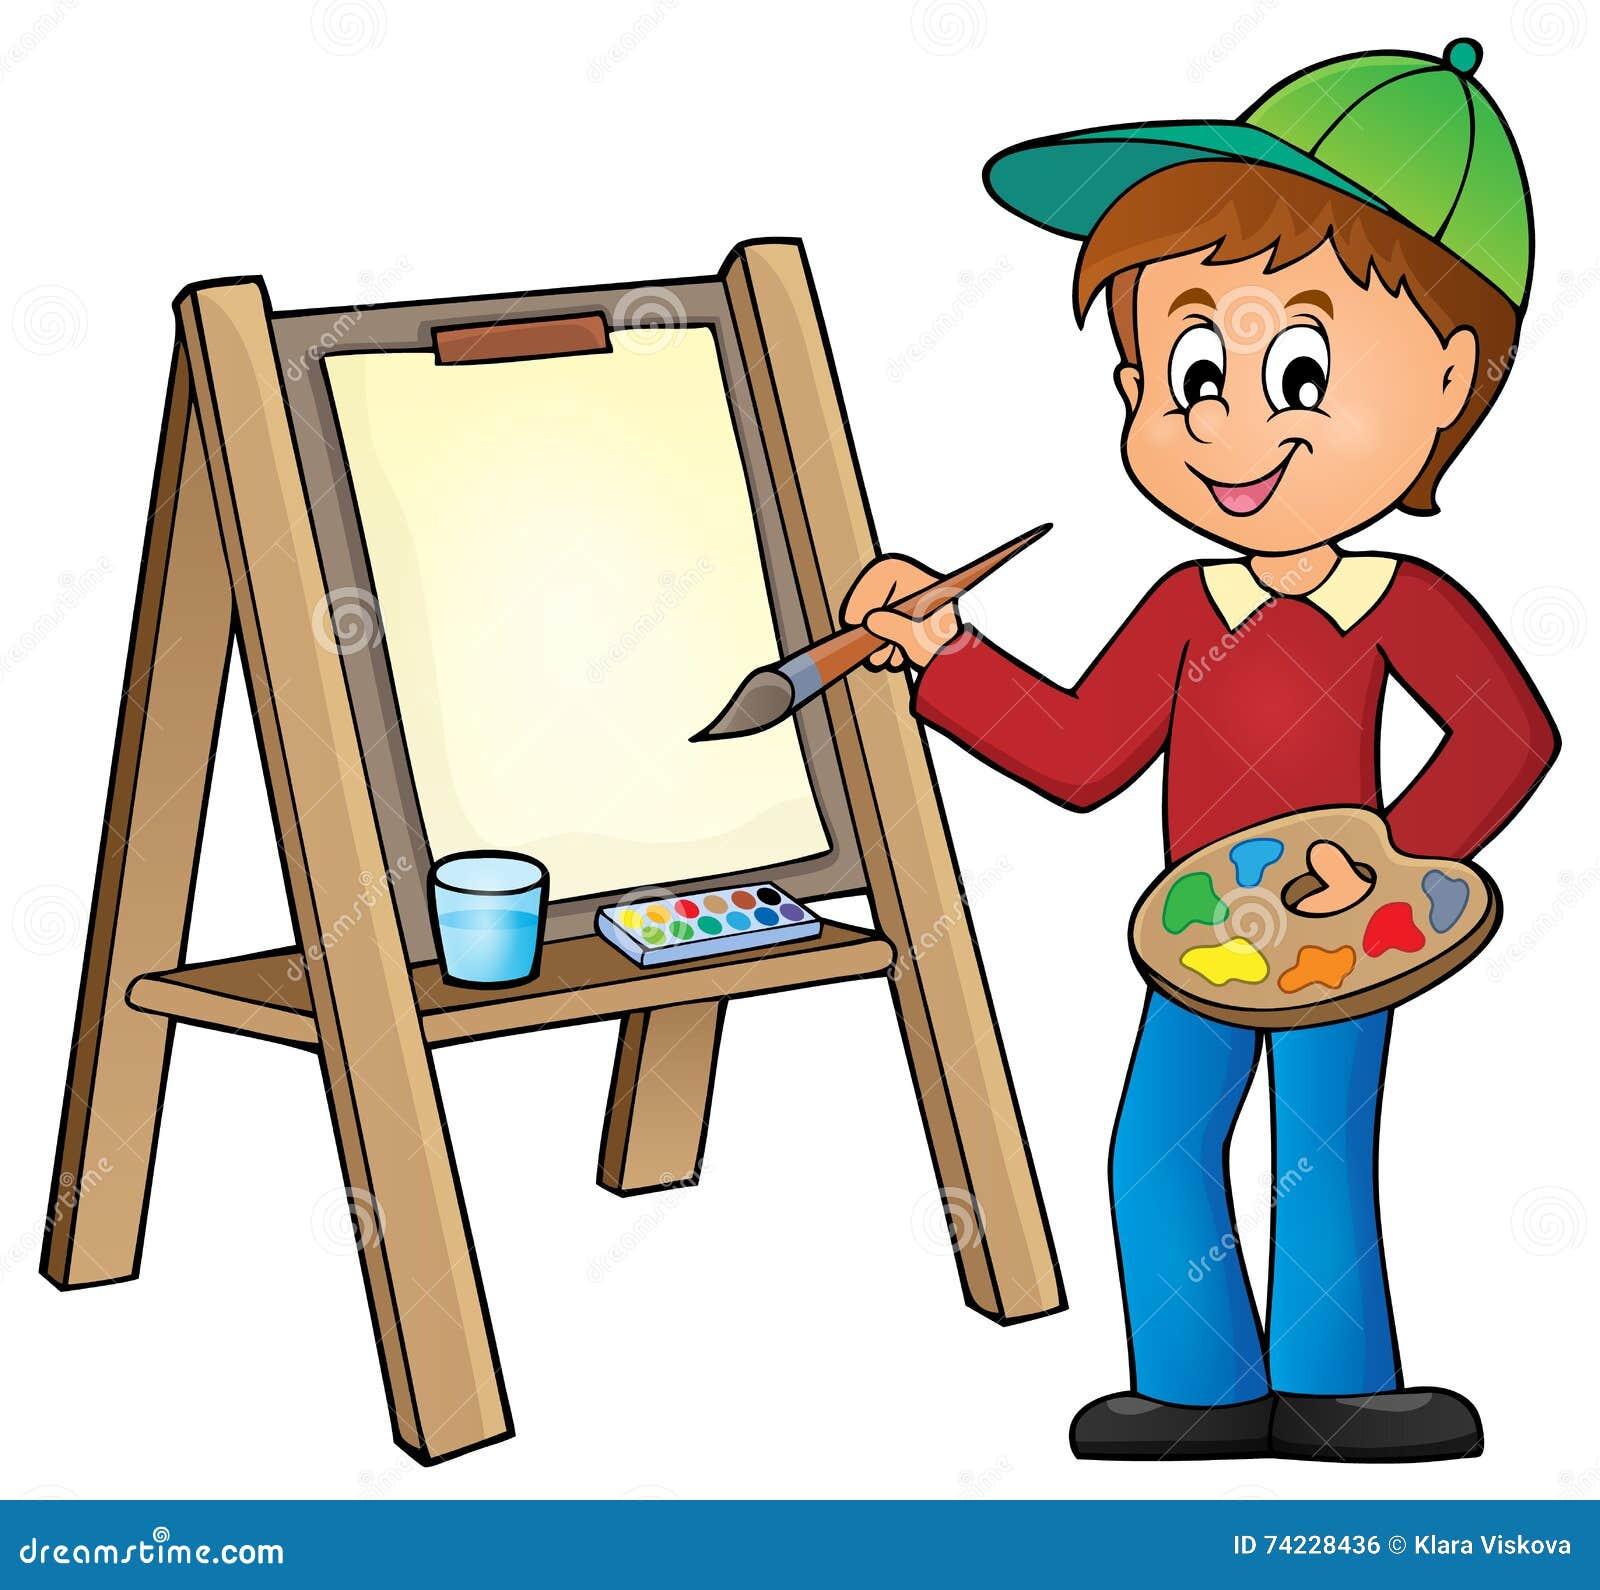 Ζωγραφική αγοριών στον καμβά 1